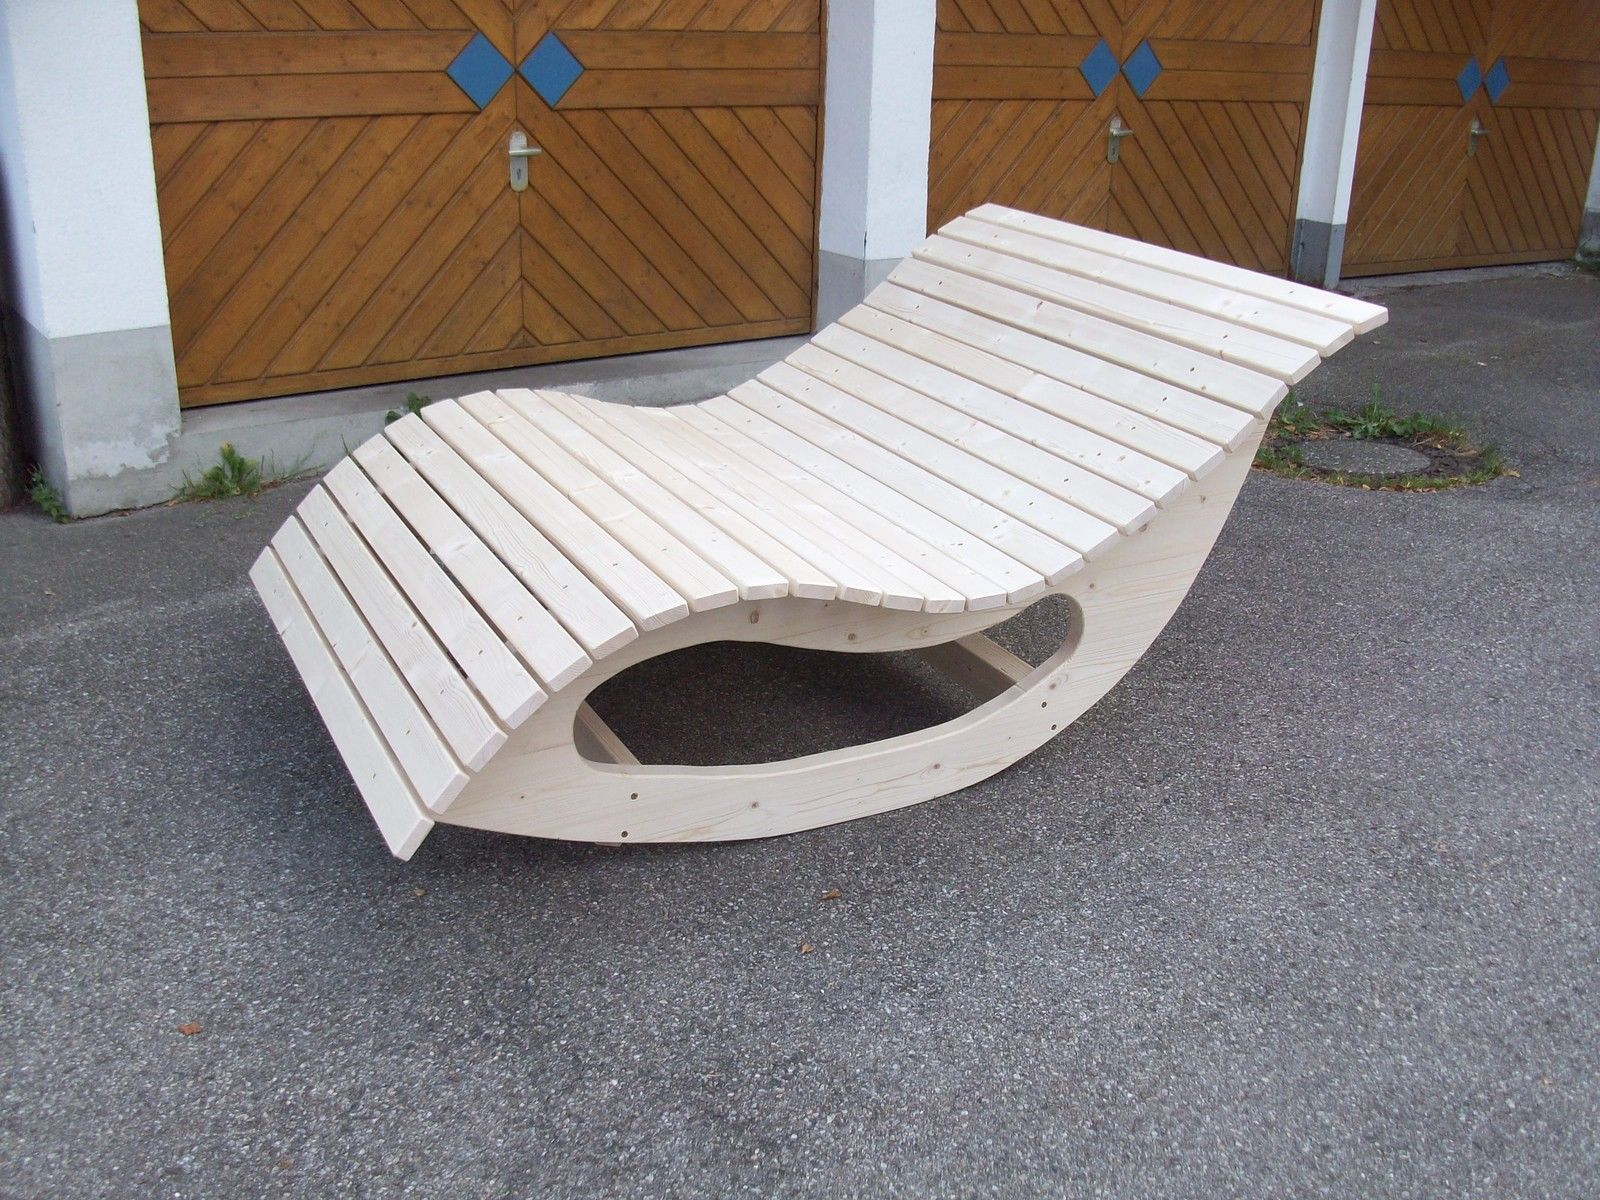 Relaxliege Schaukelliege Holzliege Gartenmöbel Entspannung Wohlfühlliege Ebay Schaukelliege Holzliege Wellnessliege